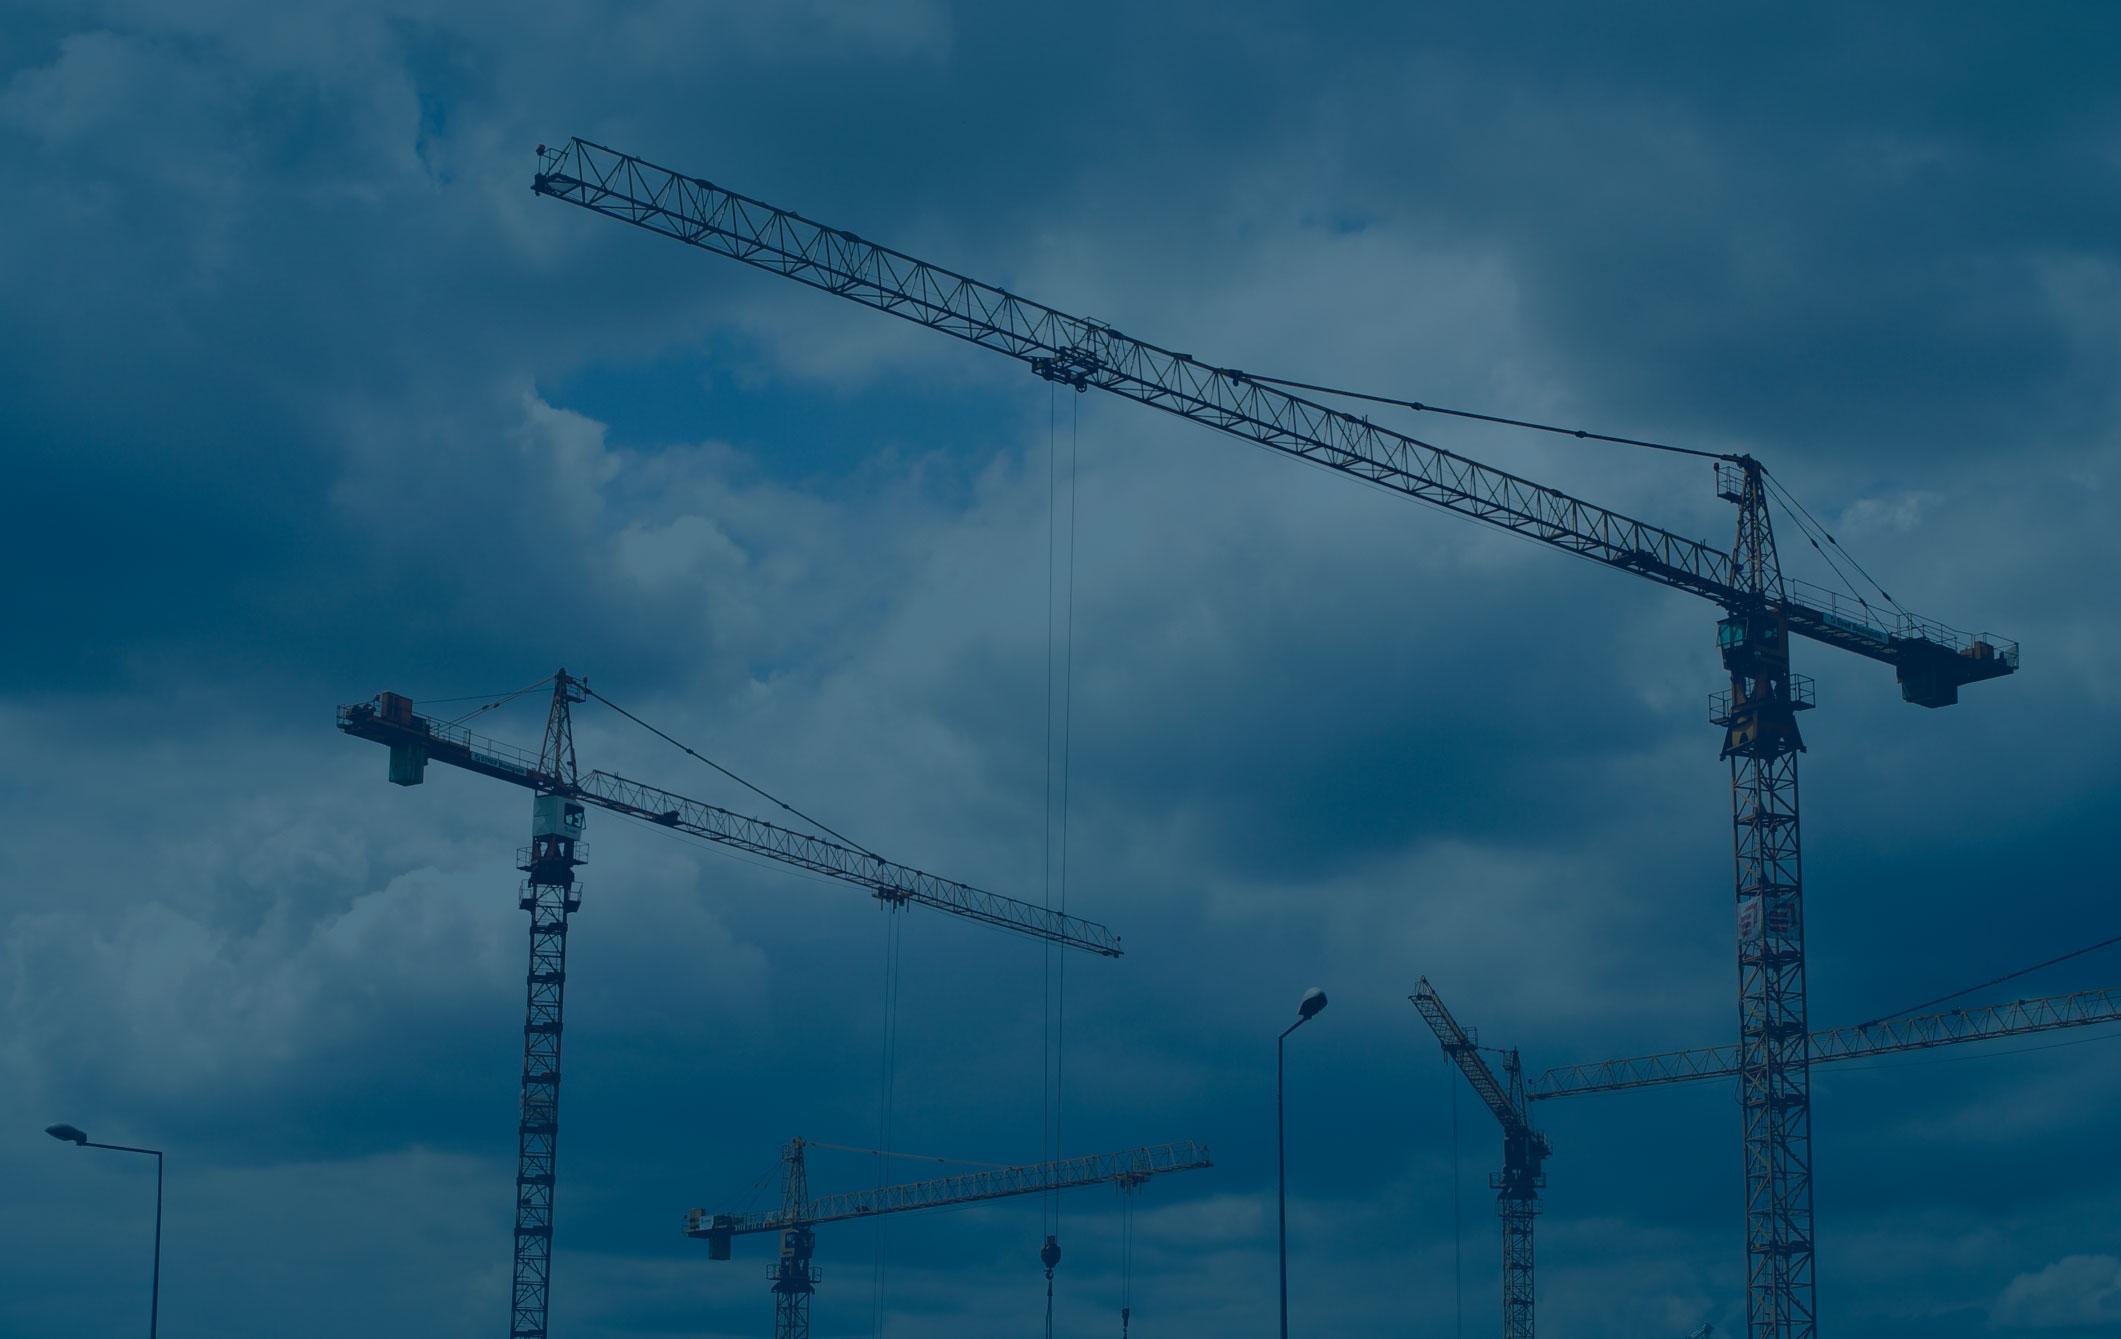 Б9. Требования промышленной безопасности к подъемным сооружениям